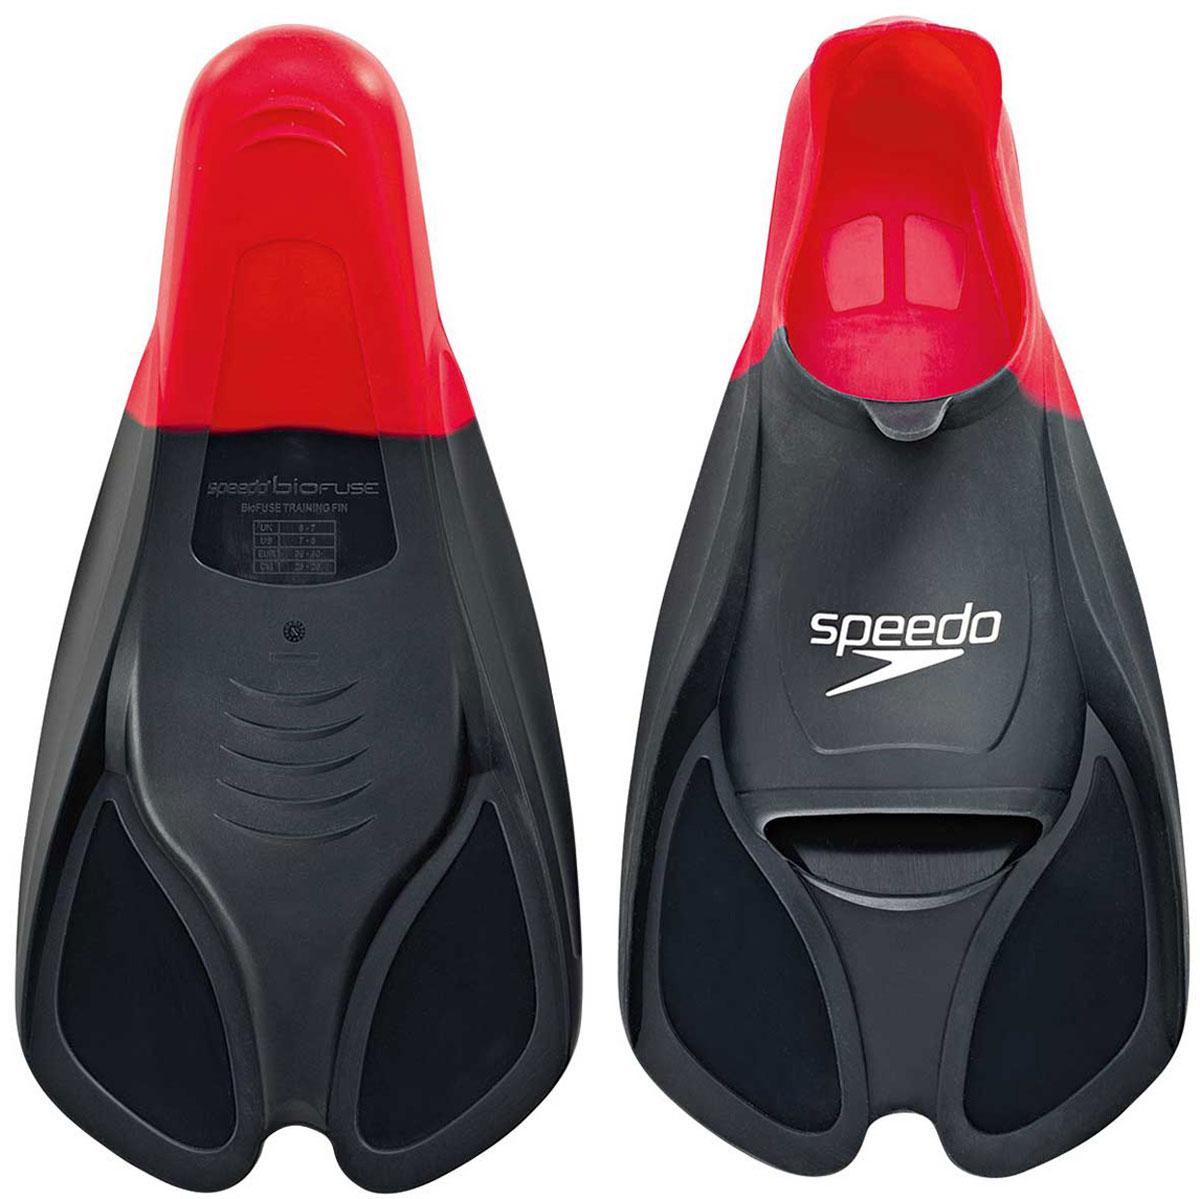 Ласты для плавания Speedo, цвет: красный. Размер 4-5. 8-0884139918-088413991_красный(4-5)Speedo Biofuse Training Fins являются незаменимым аксессуаром для тренировки силы ног, при создании которого использовалась технология SpeedoBiofuse®. Не случайно эти ласты для плавания предпочитает использовать многократный олимпийский чемпион Майкл Фелпс. Достаточно жесткие лопасти позволяют создать мощную тягу в воде при естественном темпе работы ног. Специальный узор на поверхности подошвы позволяет получить надежное сцепление с поверхностью бассейна. Форма башмака Speedo Biofuse Training Fin способствует развитию гибкости стопы, что позволяет сделать работу ног более эффективной. Башмак изготовлен из мягкого силикона, который не натирает кожу и прекрасно растягивается. Ласты для плавания Speedo Biofuse Tech Fin отлично подходят для тренировки работы ног в спринте, а также для повышения качества работы ног во время обучения плаванию. Специалисты Proswim.ru рекомендуют Speedo Biofuse Training Fin спортсменам-спринтерам, а также всем, кто имеет желание увеличить силу ног. Ласты для...